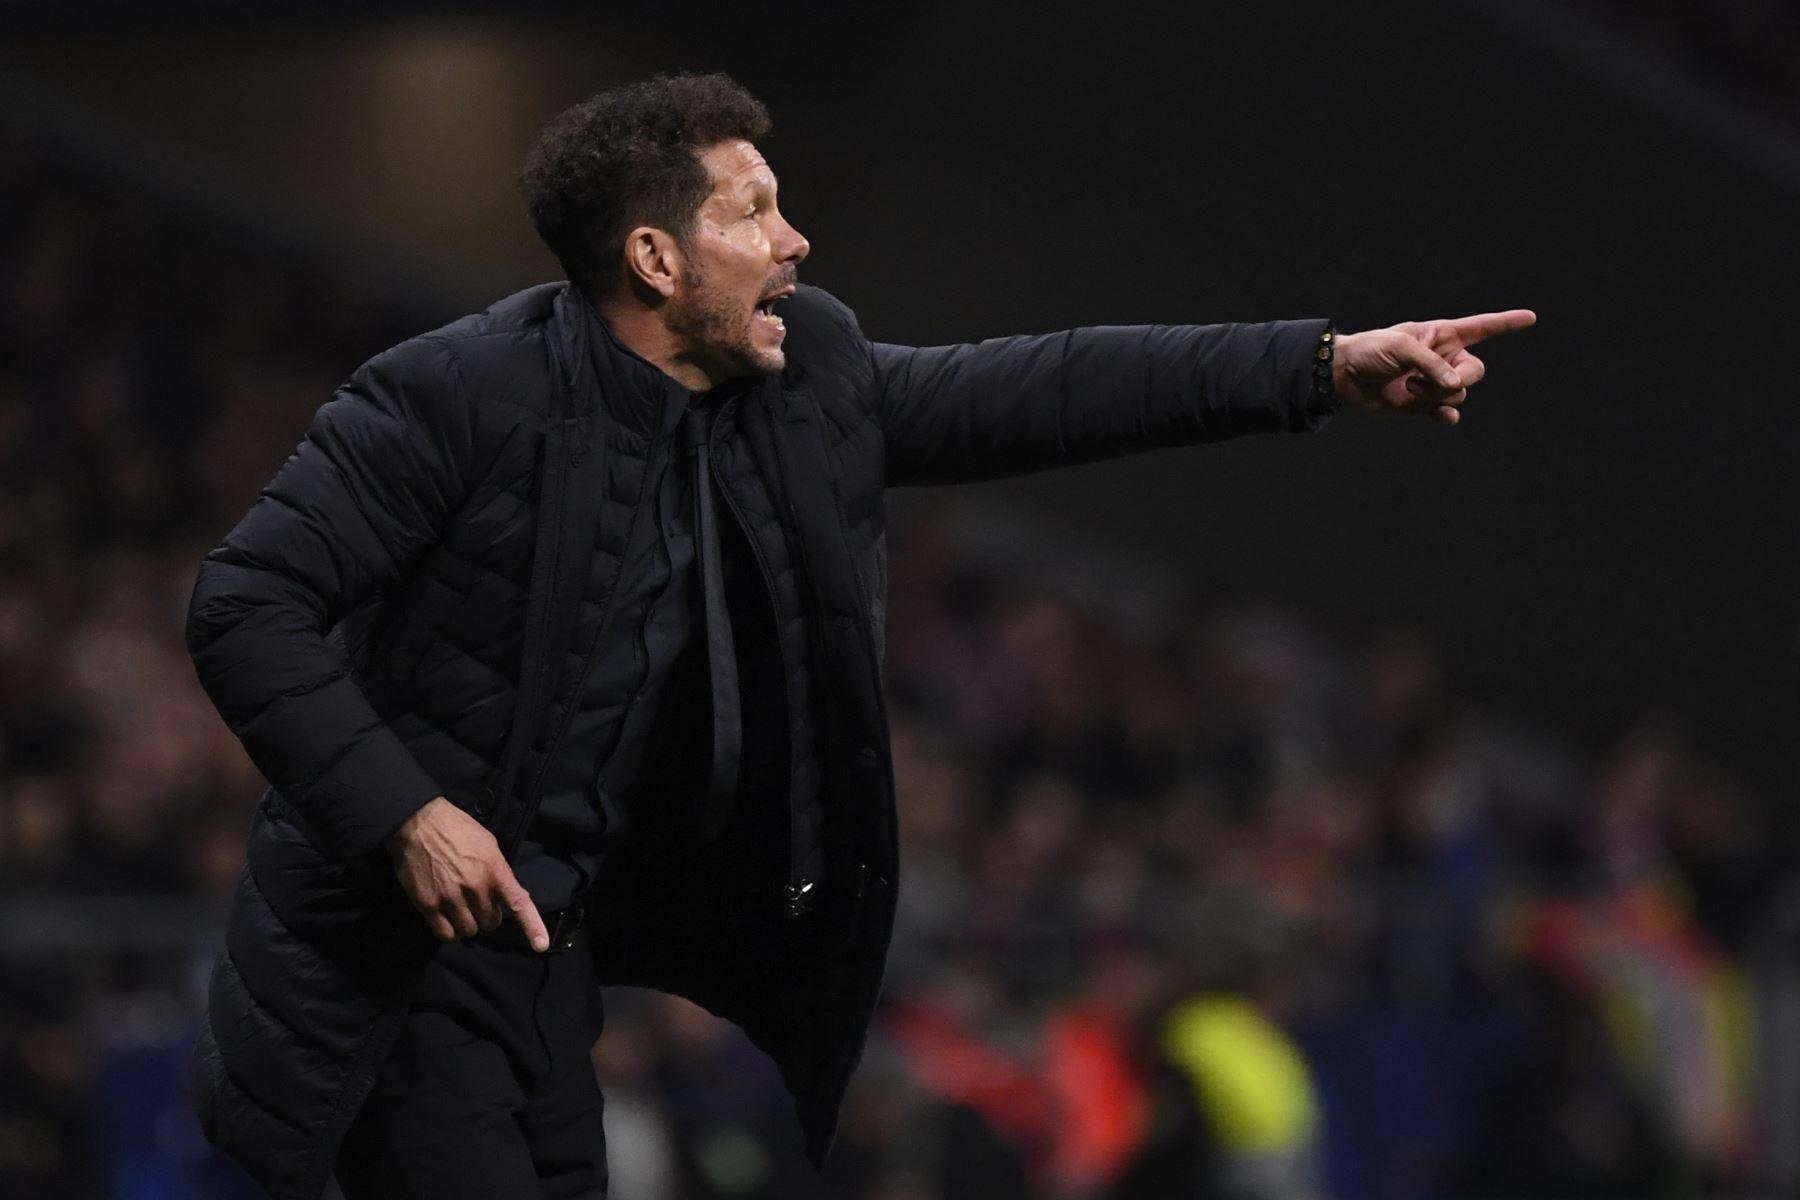 El entrenador argentino del Atletico Madrid, Diego Simeone, se presenta durante la UEFA Champions League, octavos de final.Foto.AFP